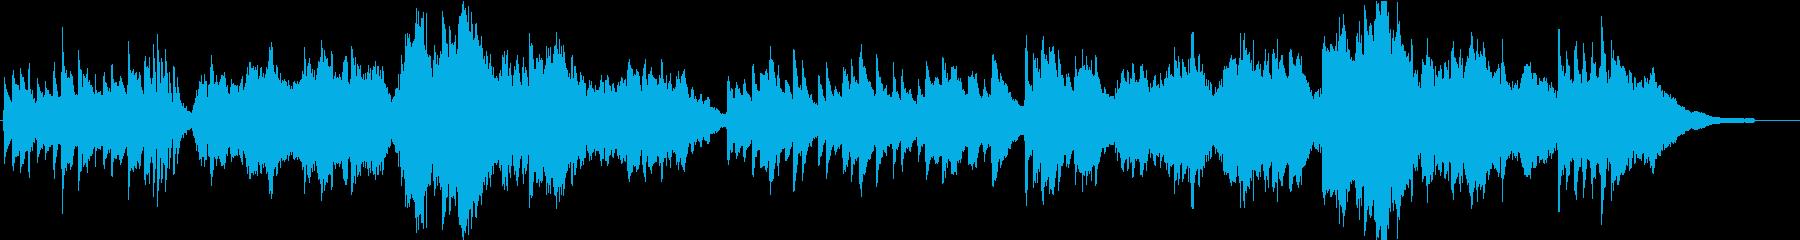 穏やかで温かな寛ぎの音楽です。の再生済みの波形